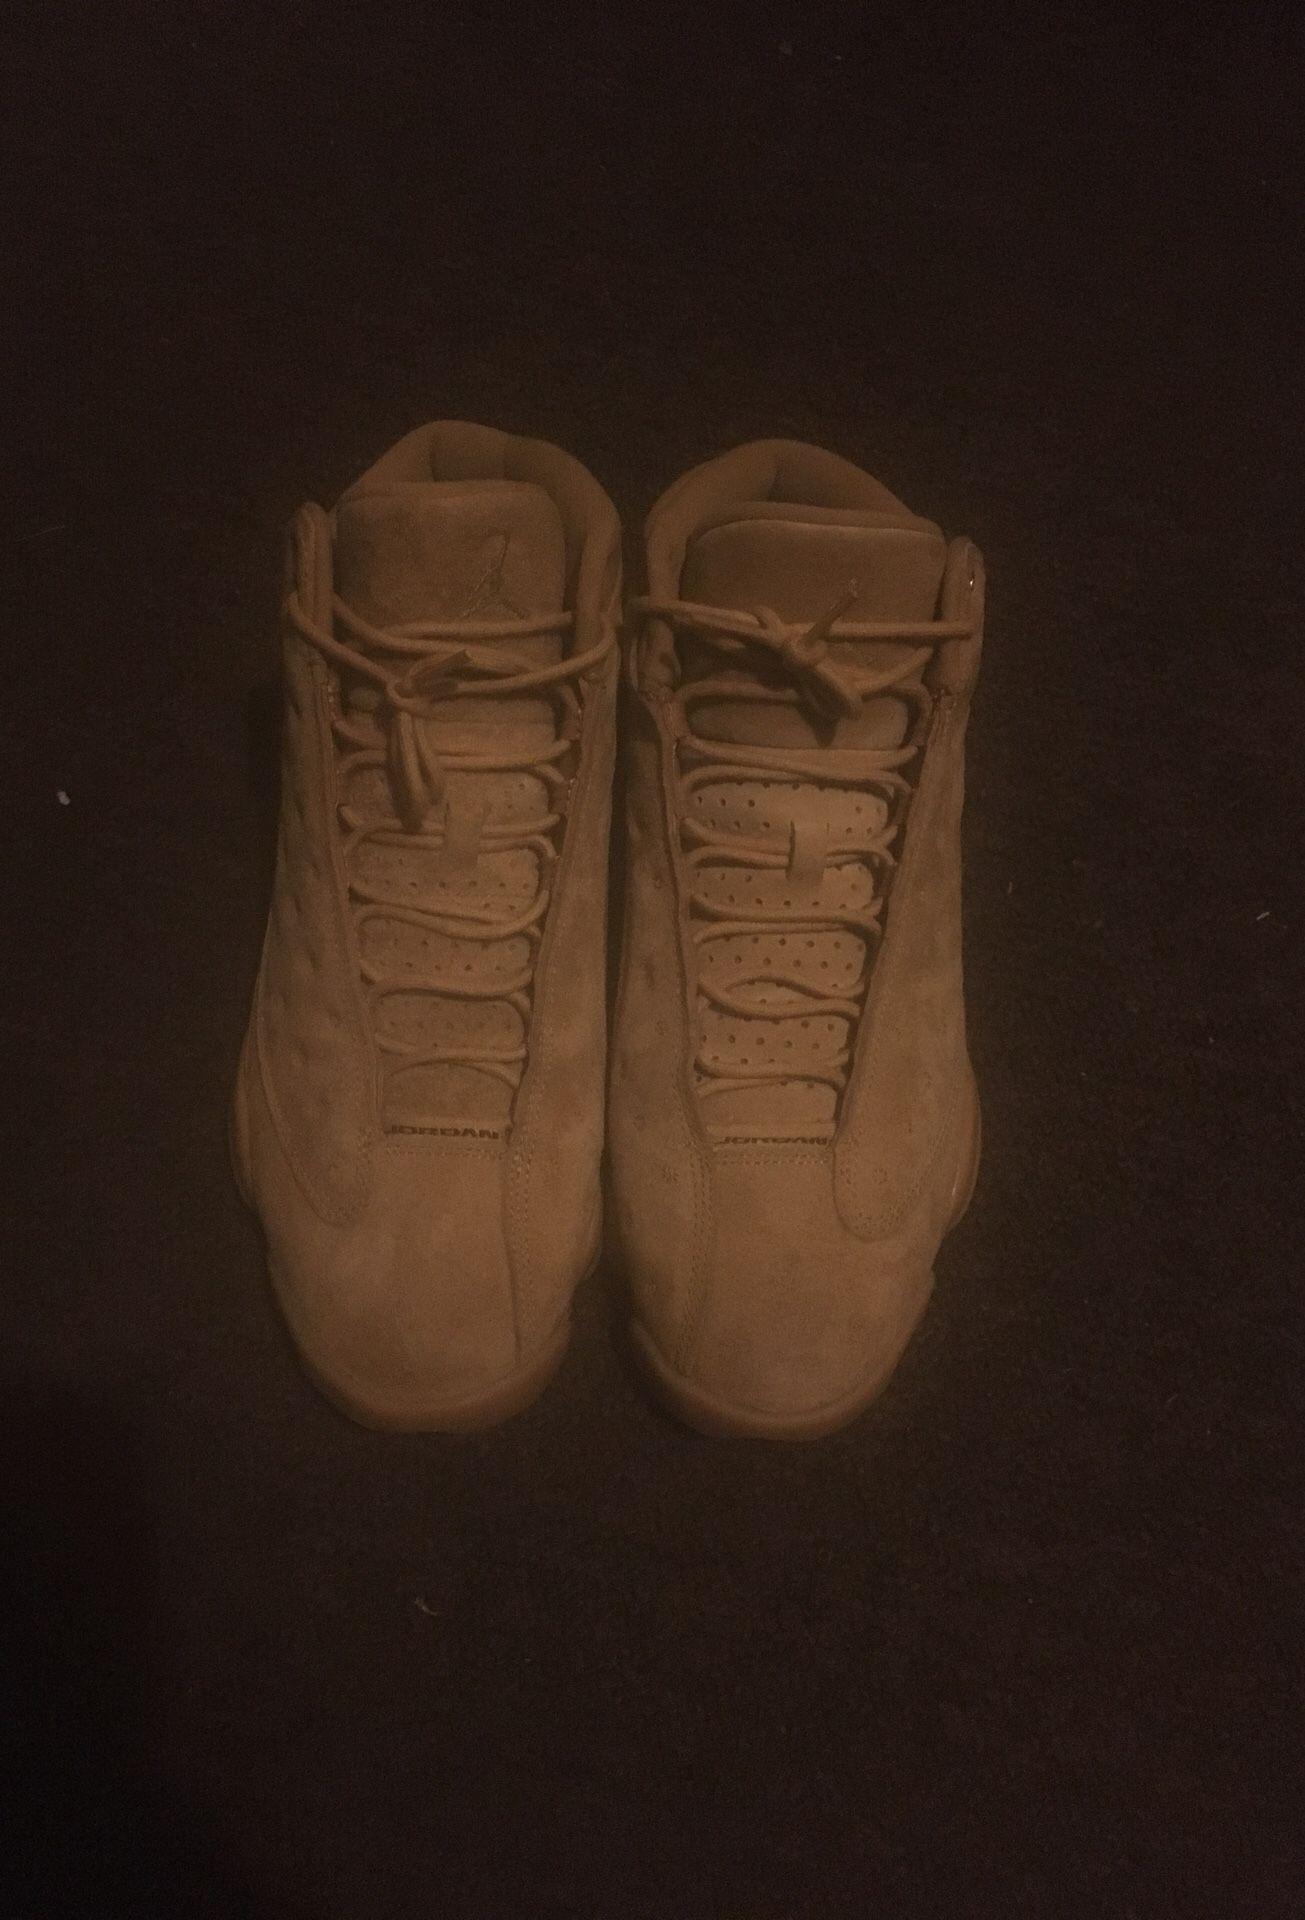 Jordan 13s size 10